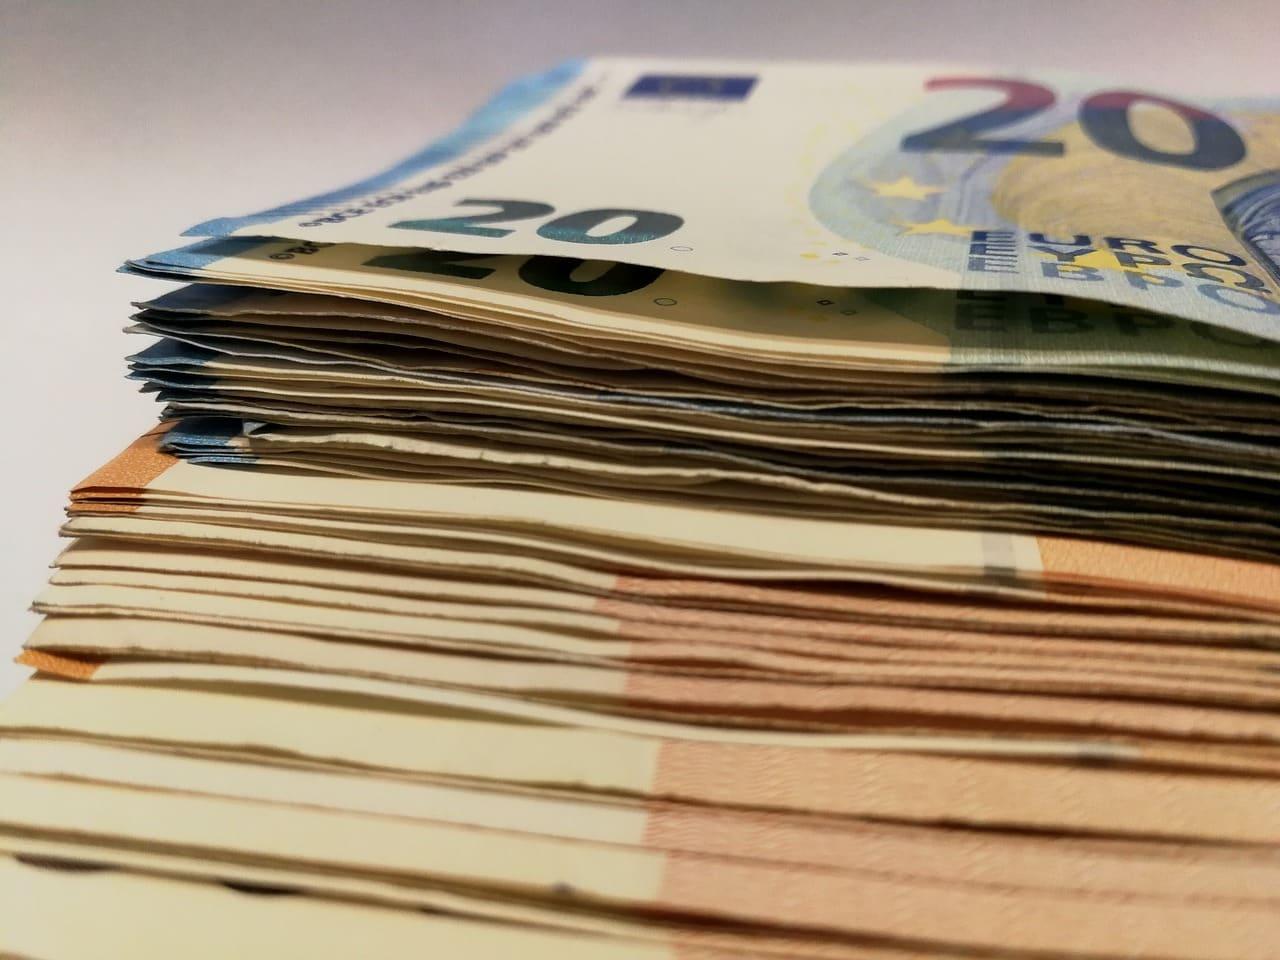 Συντάξεις Πληρωμή Δεκεμβρίου 2019 ΙΚΑ ΟΓΑ ΟΑΕΕ ΝΑΤ Επικουρικές - Ημερομηνίες πληρωμής για κάθε ταμείο ξεχωριστά - Συντάξεις Ιανουαρίου 2020 Κοινωνικό μέρισμα 2019: Μείωση - Επίδομα θέρμανσης - Ενοικίου ΟΠΕΚΑ Συντάξεις Σεπτεμβρίου ΙΚΑ-EFKA-ΟΑΕΕ-ΟΓΑ-ΝΑΤ ΟΠΕΚΕΠΕ πληρωμή -Πότε θα δουν τα χρήματα στους λογαριασμούς τους οι δικαιούχοι ΟΠΕΚΑ Α21 γ δόση Συντάξεις Αυγούστου 2019: Πληρωμή για ΙΚΑ, ΟΑΕΕ, ΟΓΑ, ΝΑΤ, ΕΦΚΑ ΟΠΕΚΑ Α21, Επίδομα ενοικίου 2019, ΚΕΑ Μαϊου 2019 Επίδομα στέγασης - ΚΕΑ Μαϊου Πληρωμή 24/5 - Συντάξεις Ιουνίου 2019 13η σύνταξη: Καθαρά ποσά και κρατήσεις σε ΙΚΑ, ΟΑΕΕ, ΟΓΑ, ΝΑΤ, ΕΦΚΑ